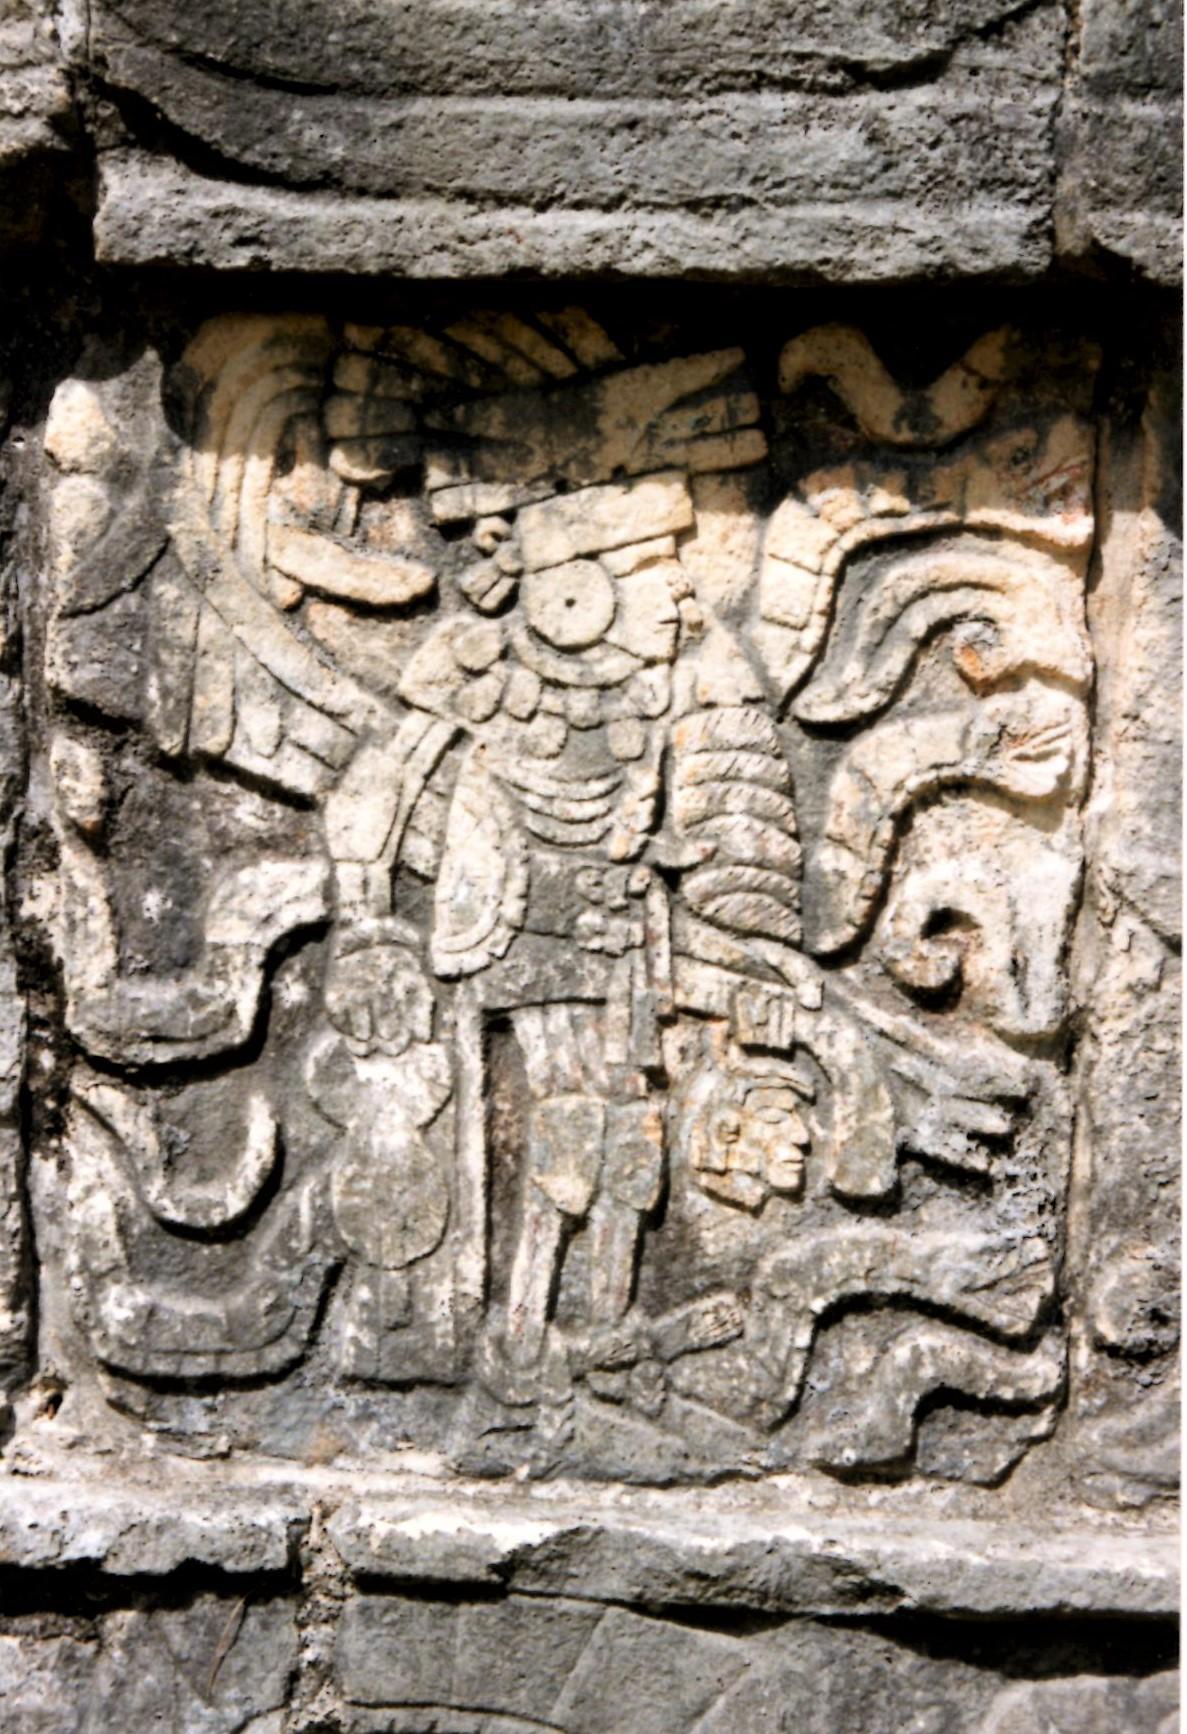 De vakantie van 1998: Leny en Anton proberen naar Cancun in Mexico te komen. Maar dat gaat zomaar niet!